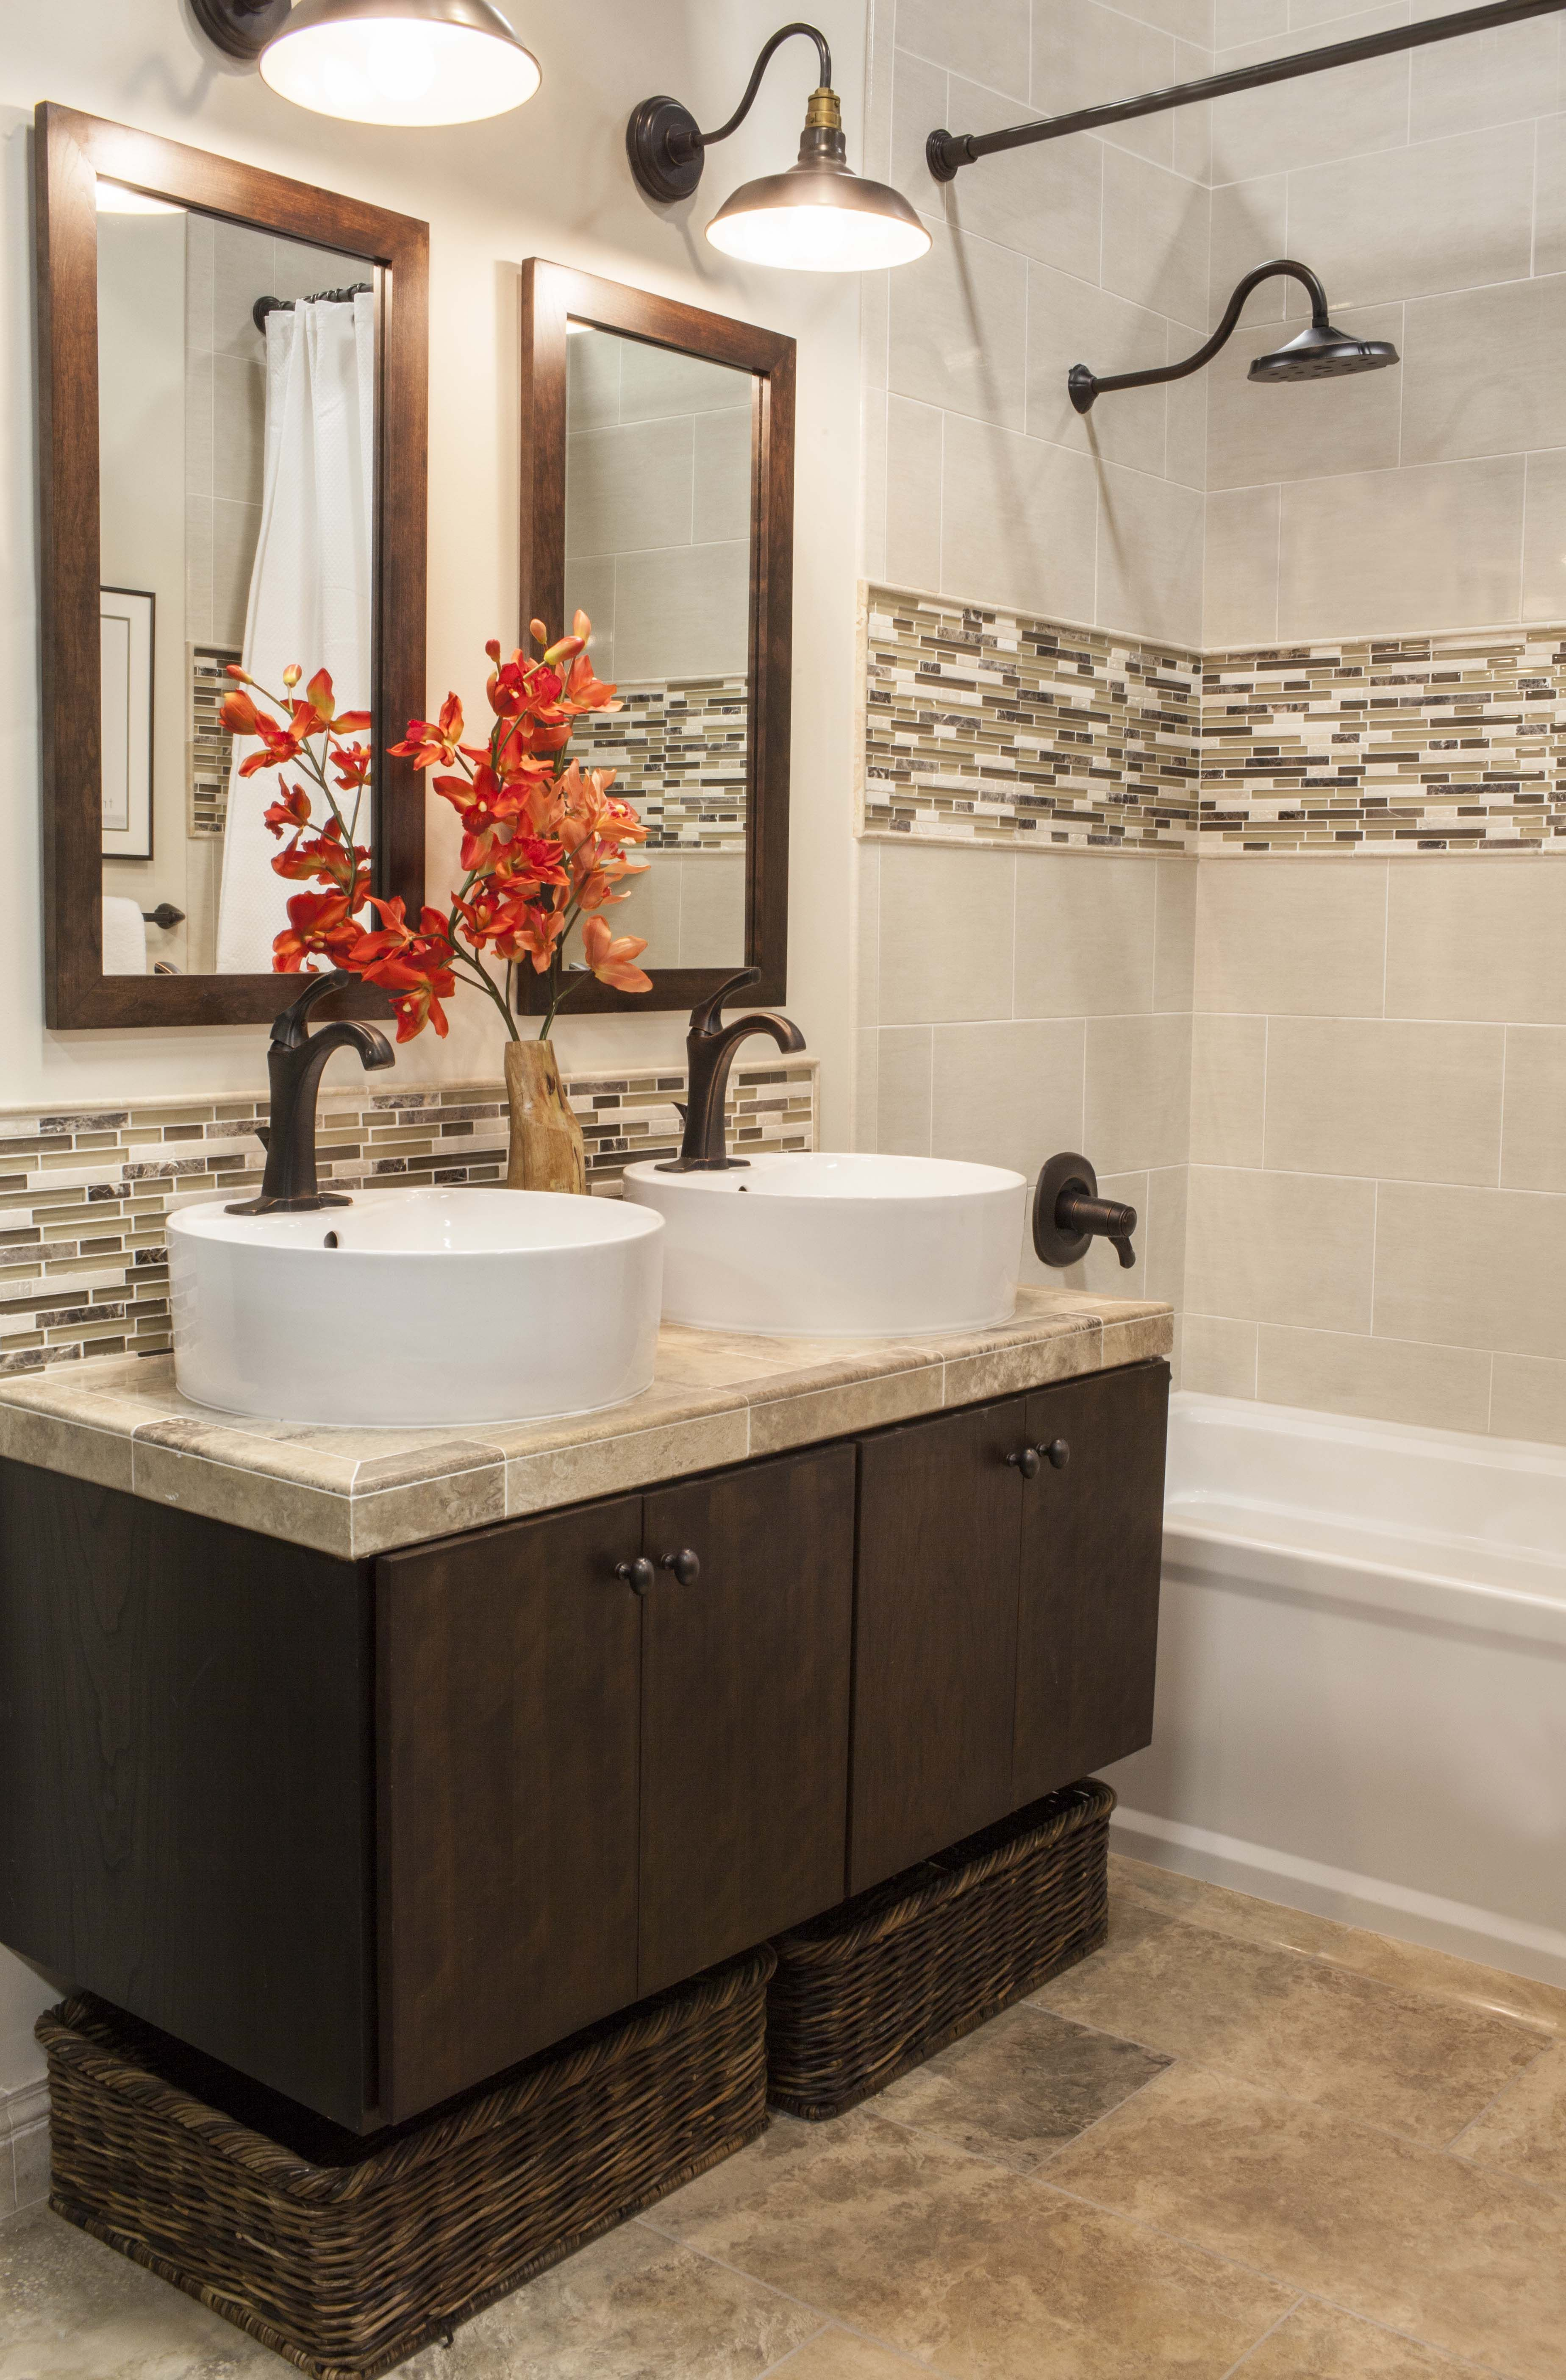 Lampe badezimmer die richtige beleuchtung f r ihr for Kacheln badezimmer